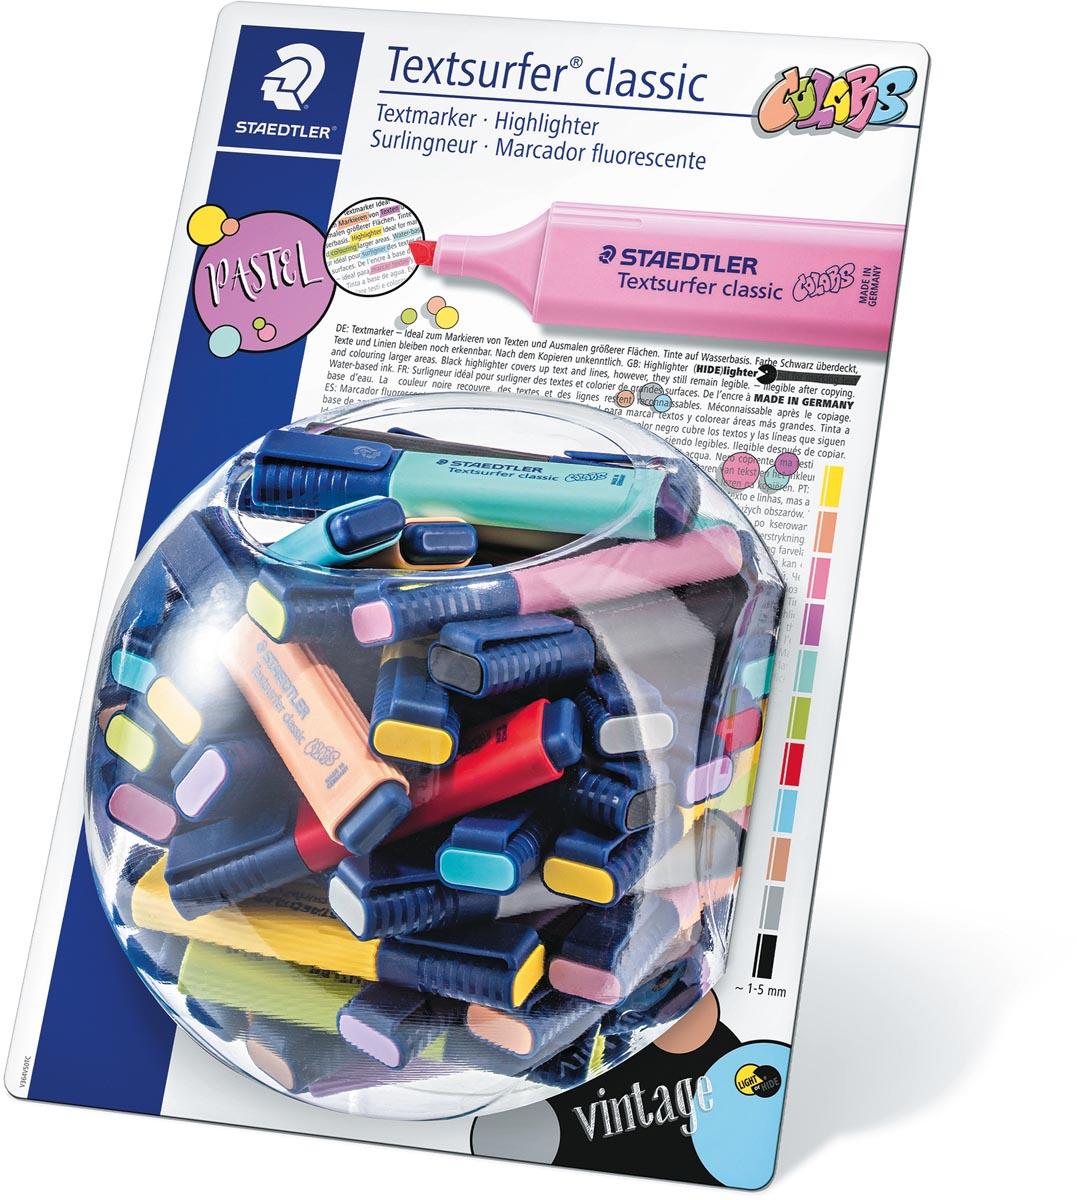 Staedtler Markeerstift Textsurfer Classic, vintage & pastel kleuren, display van 100 stuks